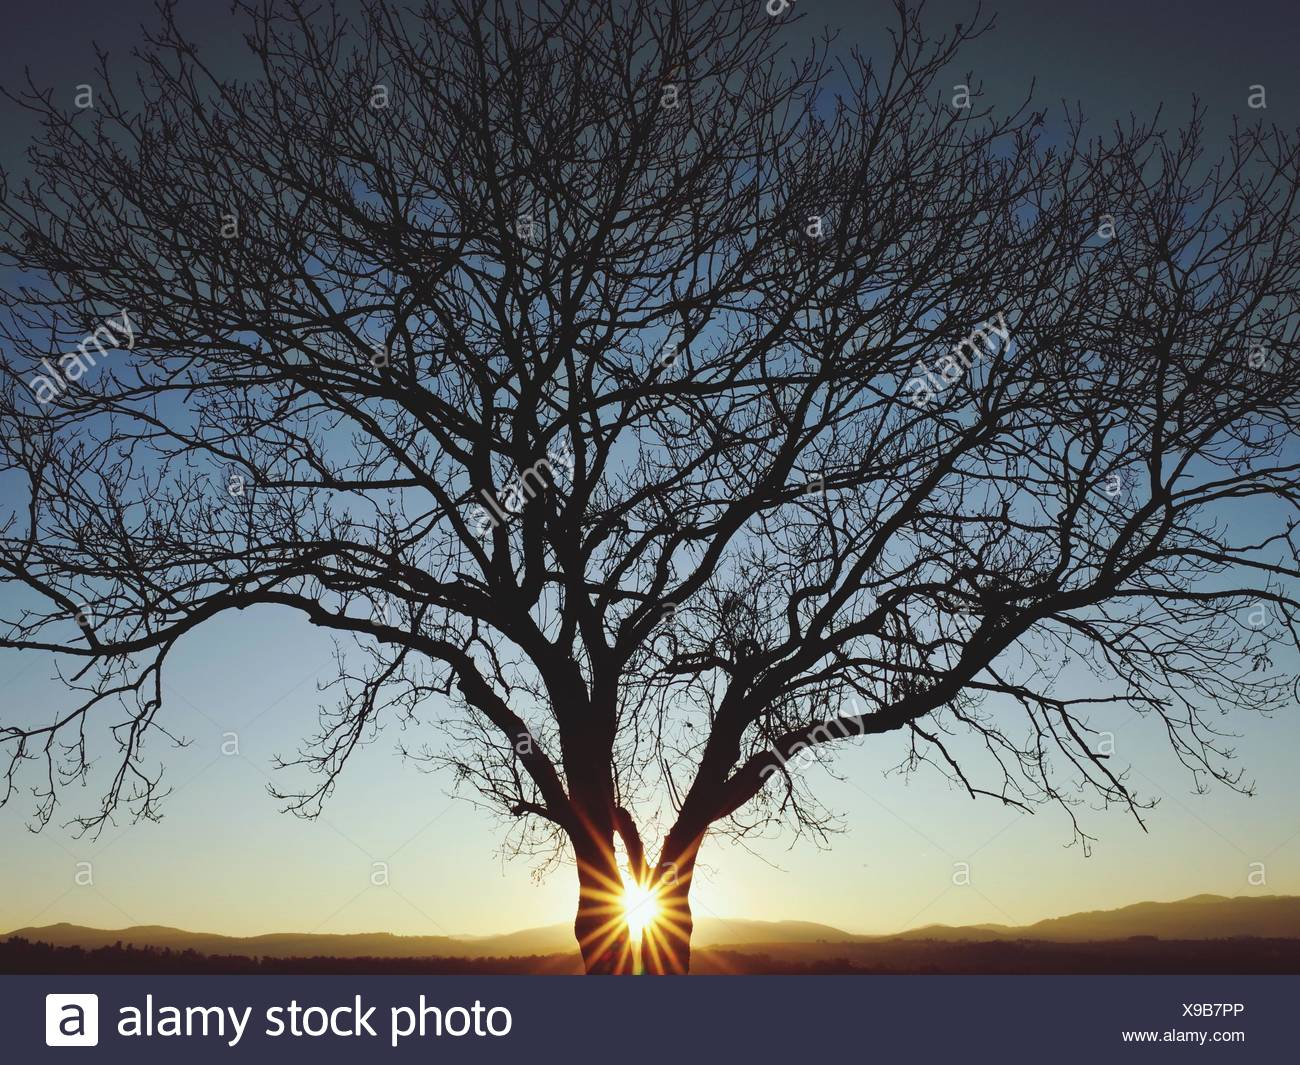 Arbre nu Silhouette contre le ciel au coucher du soleil Photo Stock